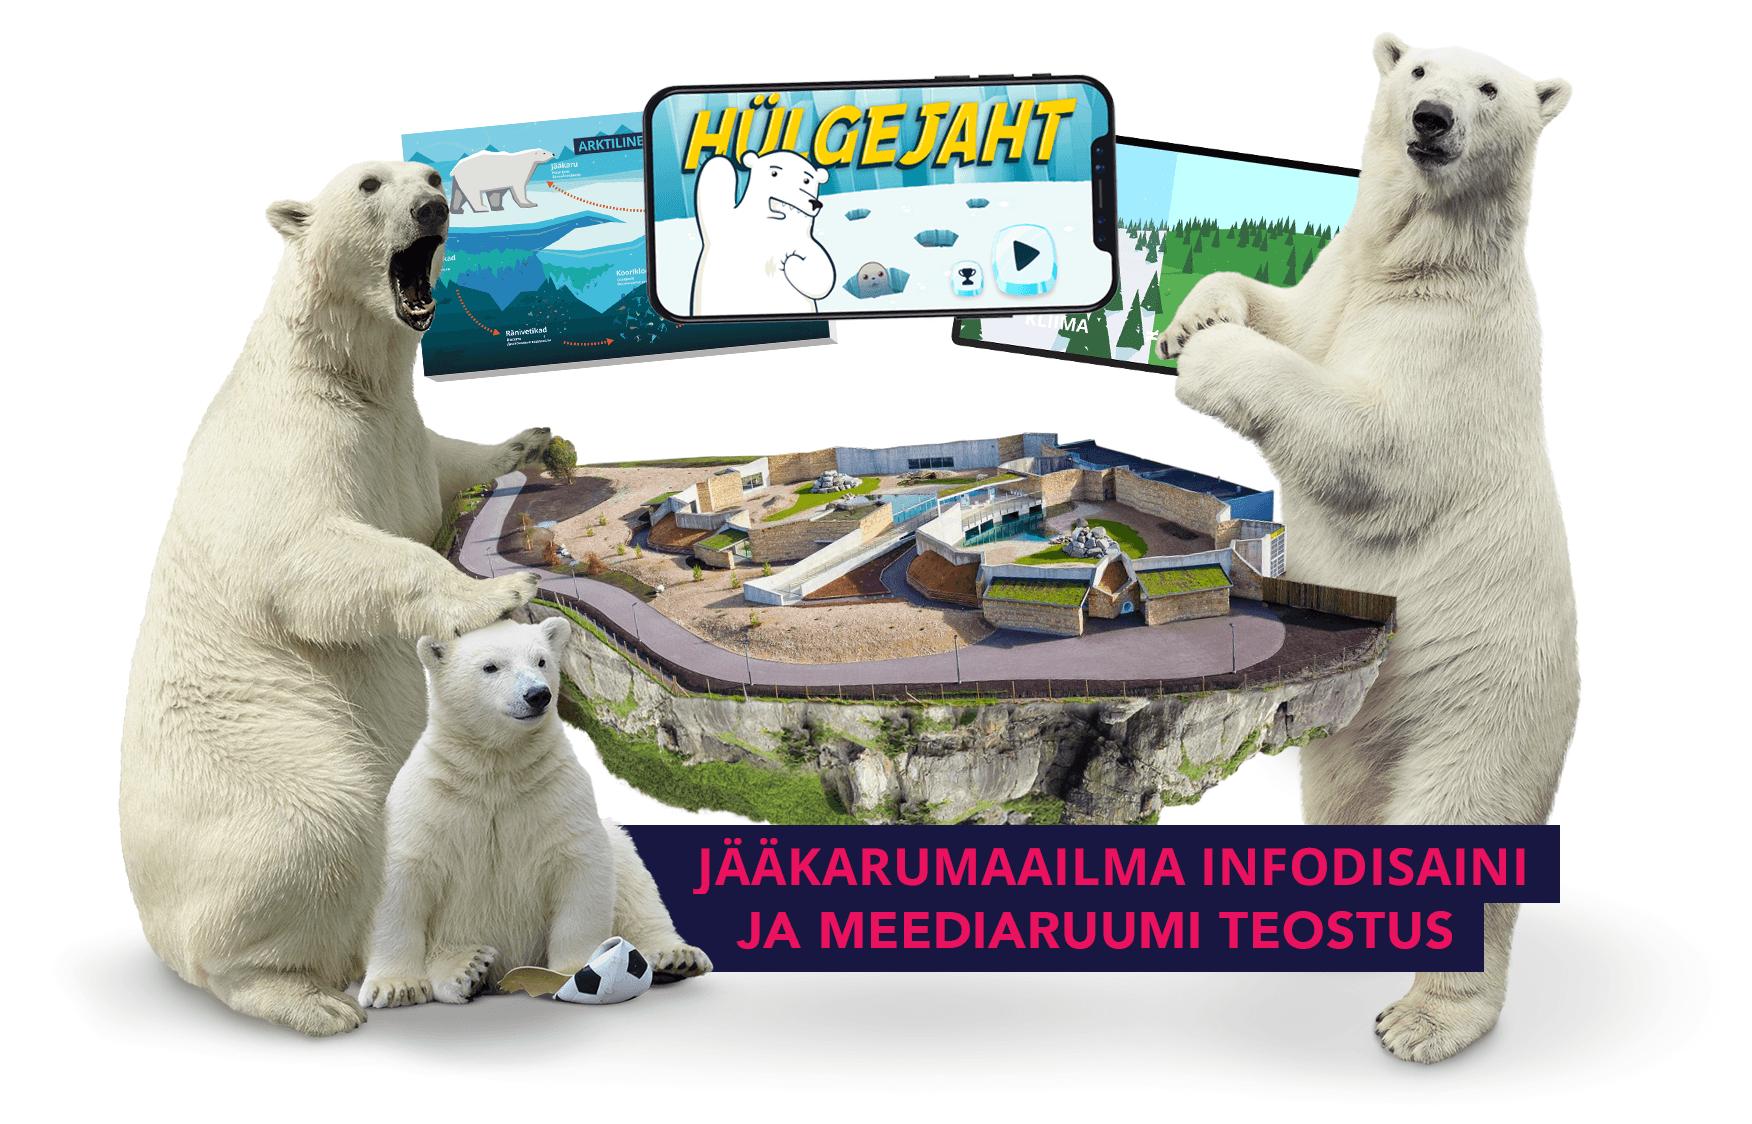 Jääkarumaailma infodisaini ja meediaruumi teostus